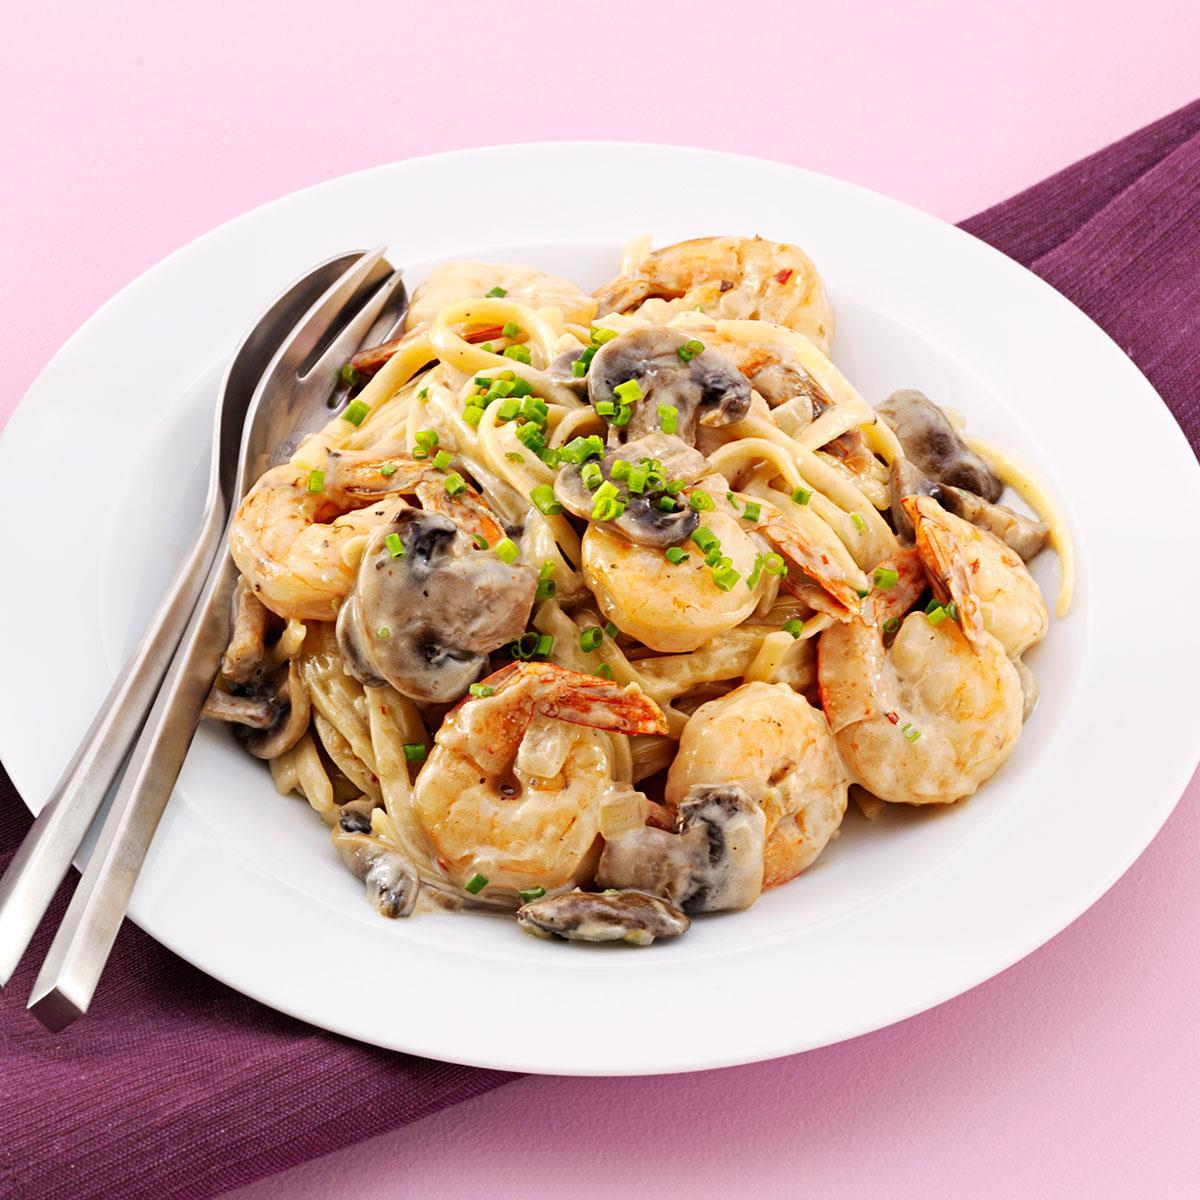 Shrimp Linguine with Parmesan Cream Sauce image